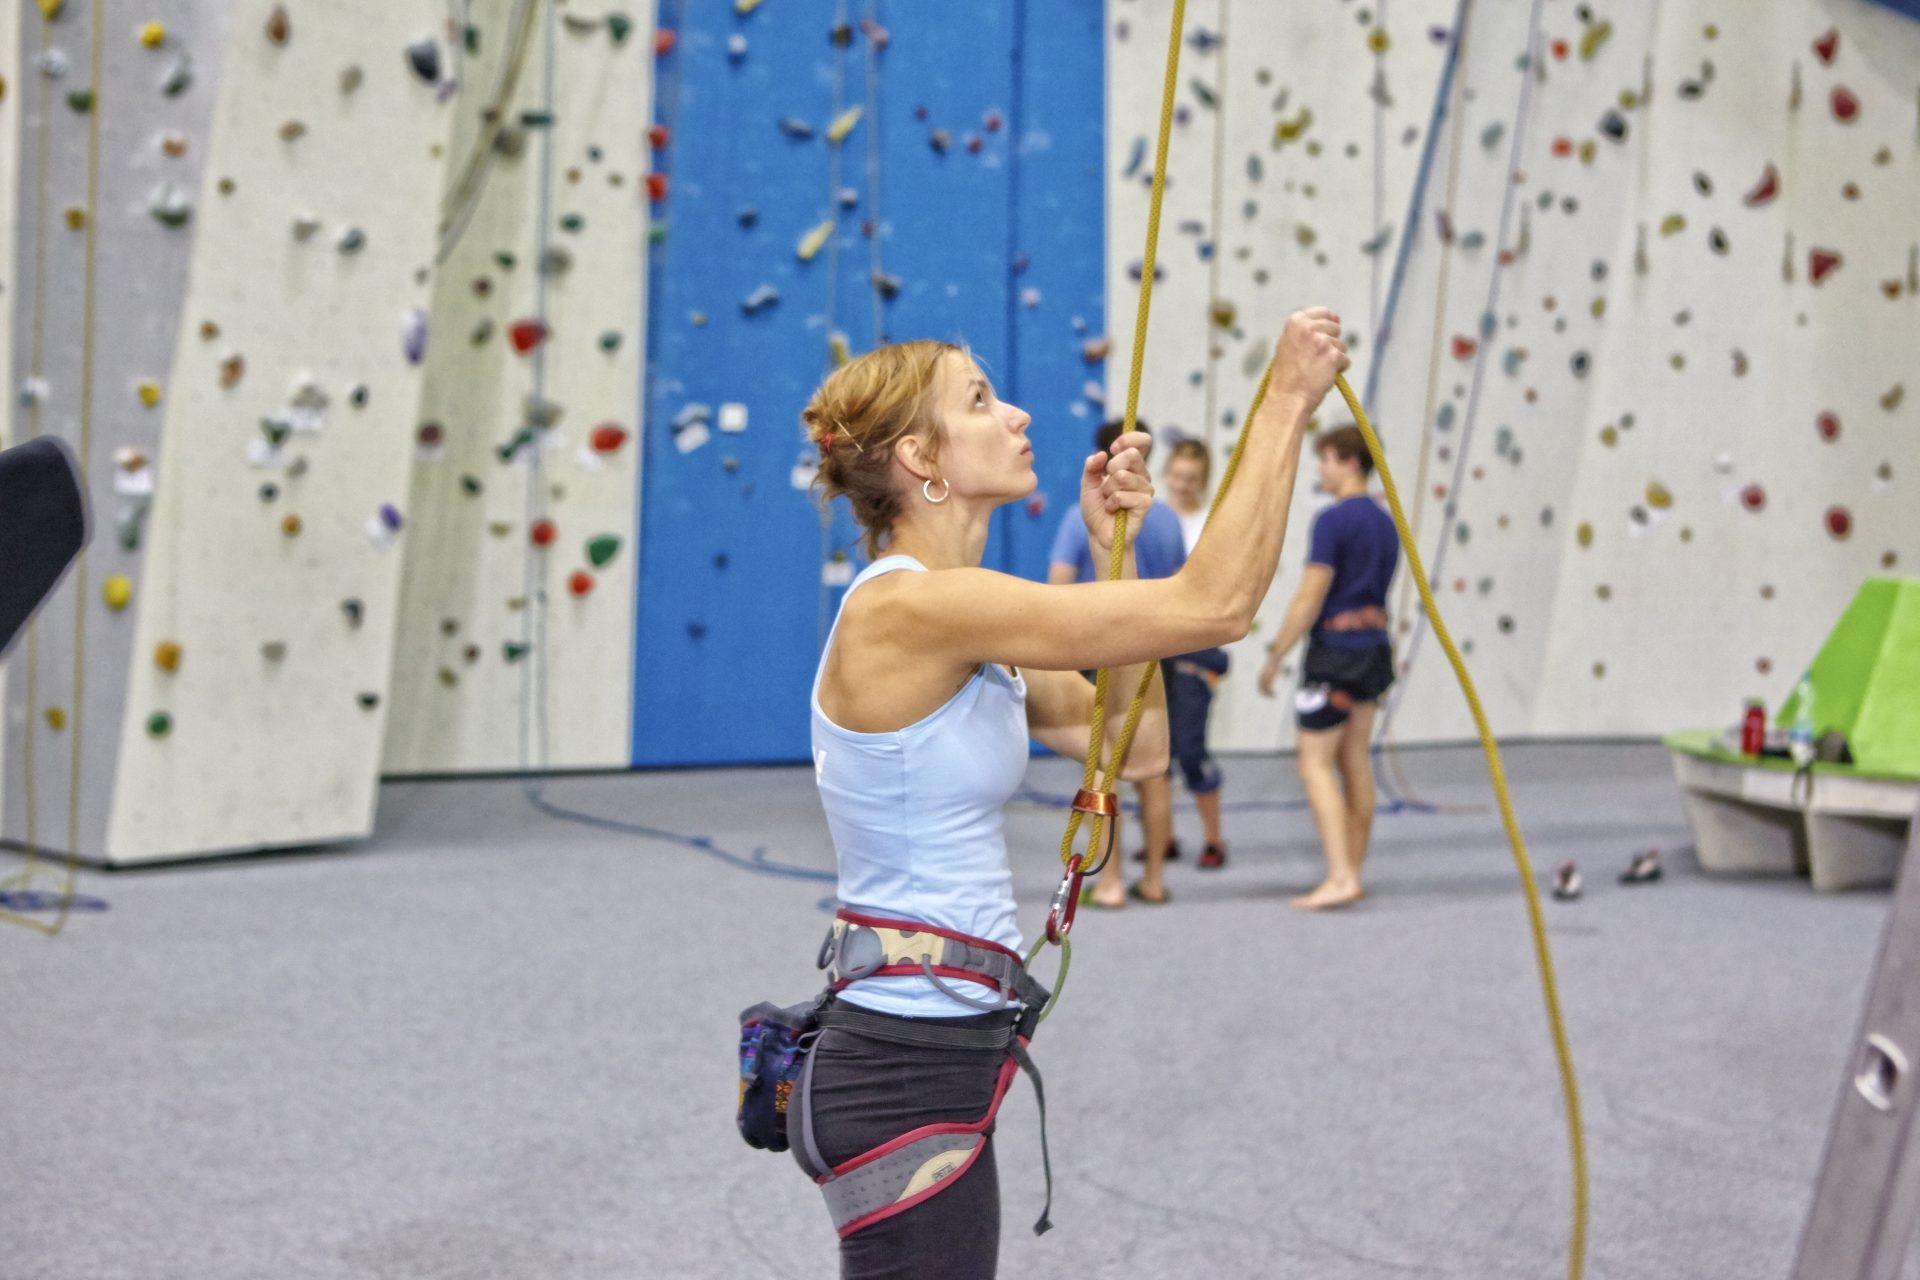 Frau sichert in der Kletterhalle jemanden. Sie trägt einen Klettergurt. Fotograf: Jörg Saibou, Köln.